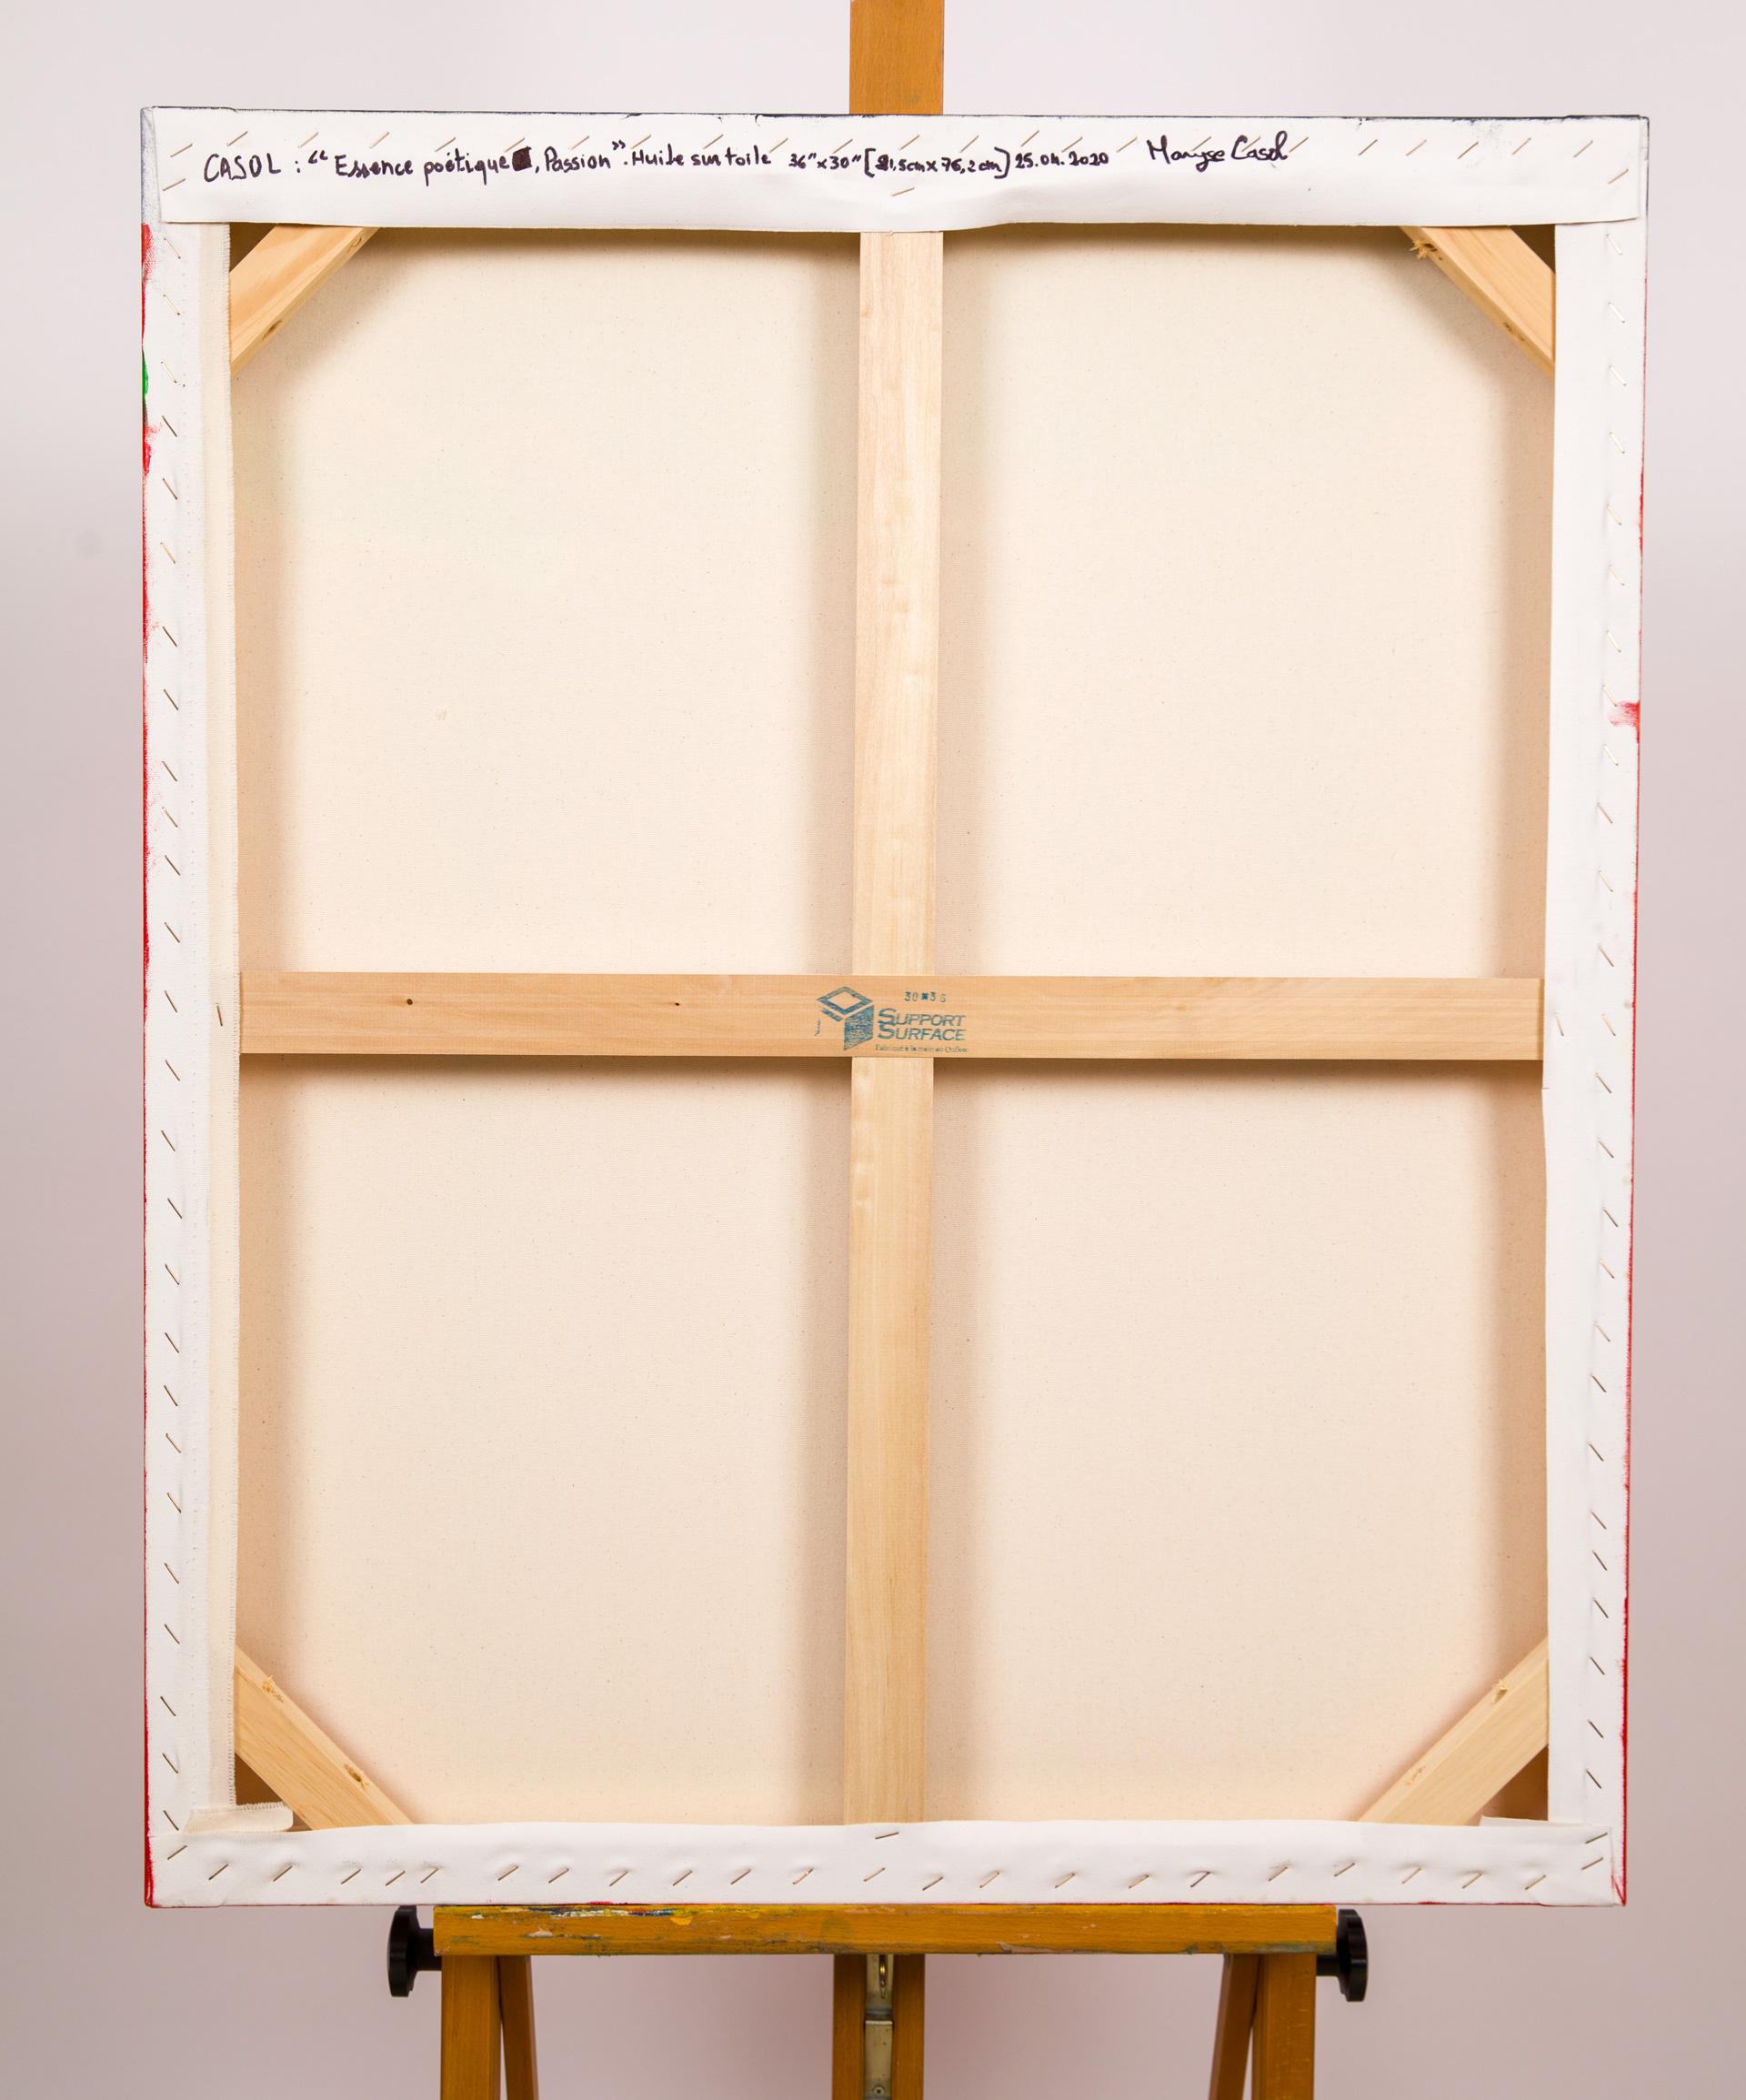 Maryse Casol, peinture Essence Poétique, Passion, 2020, arrière